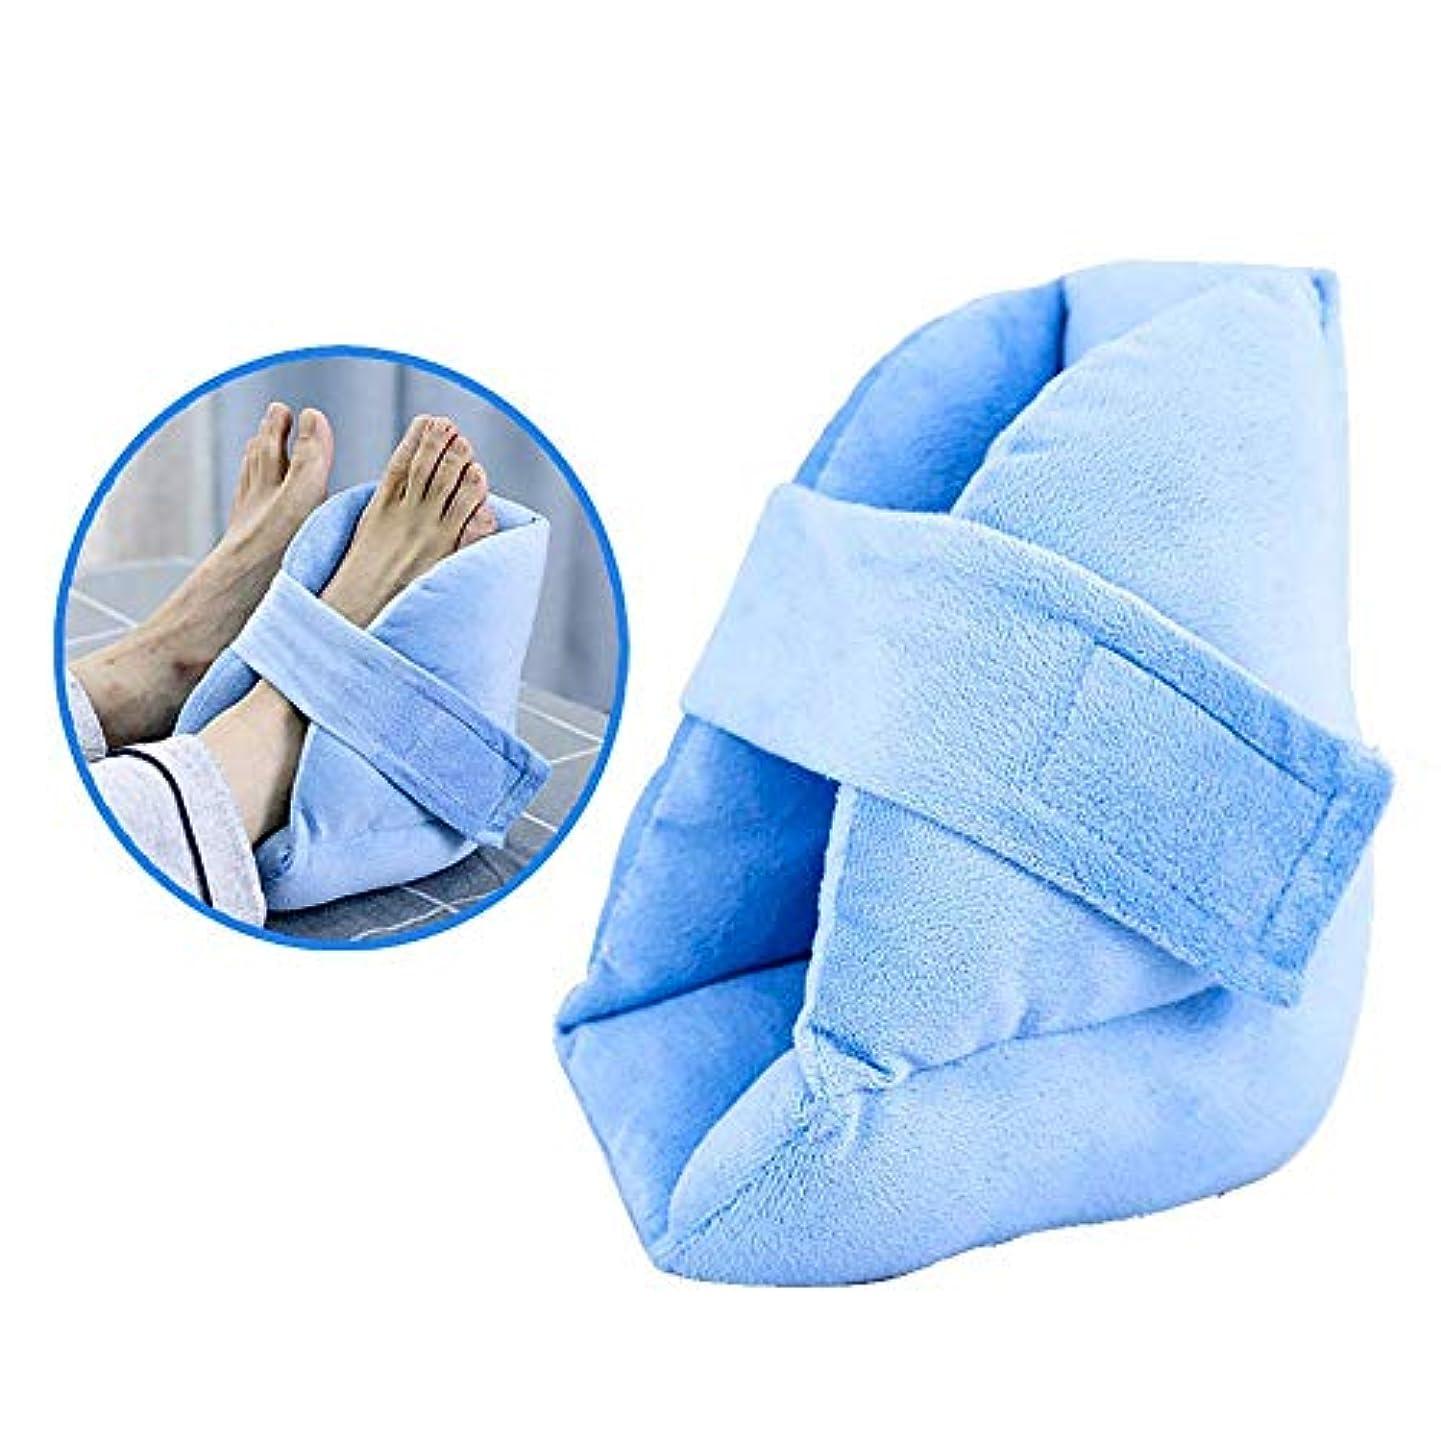 ジェット影響決定する足枕ヒールクッションプロテクター-足と足首の枕調節可能なパッド-ヒール保護ブルーブートガード-足1ペアを保護,1PCS